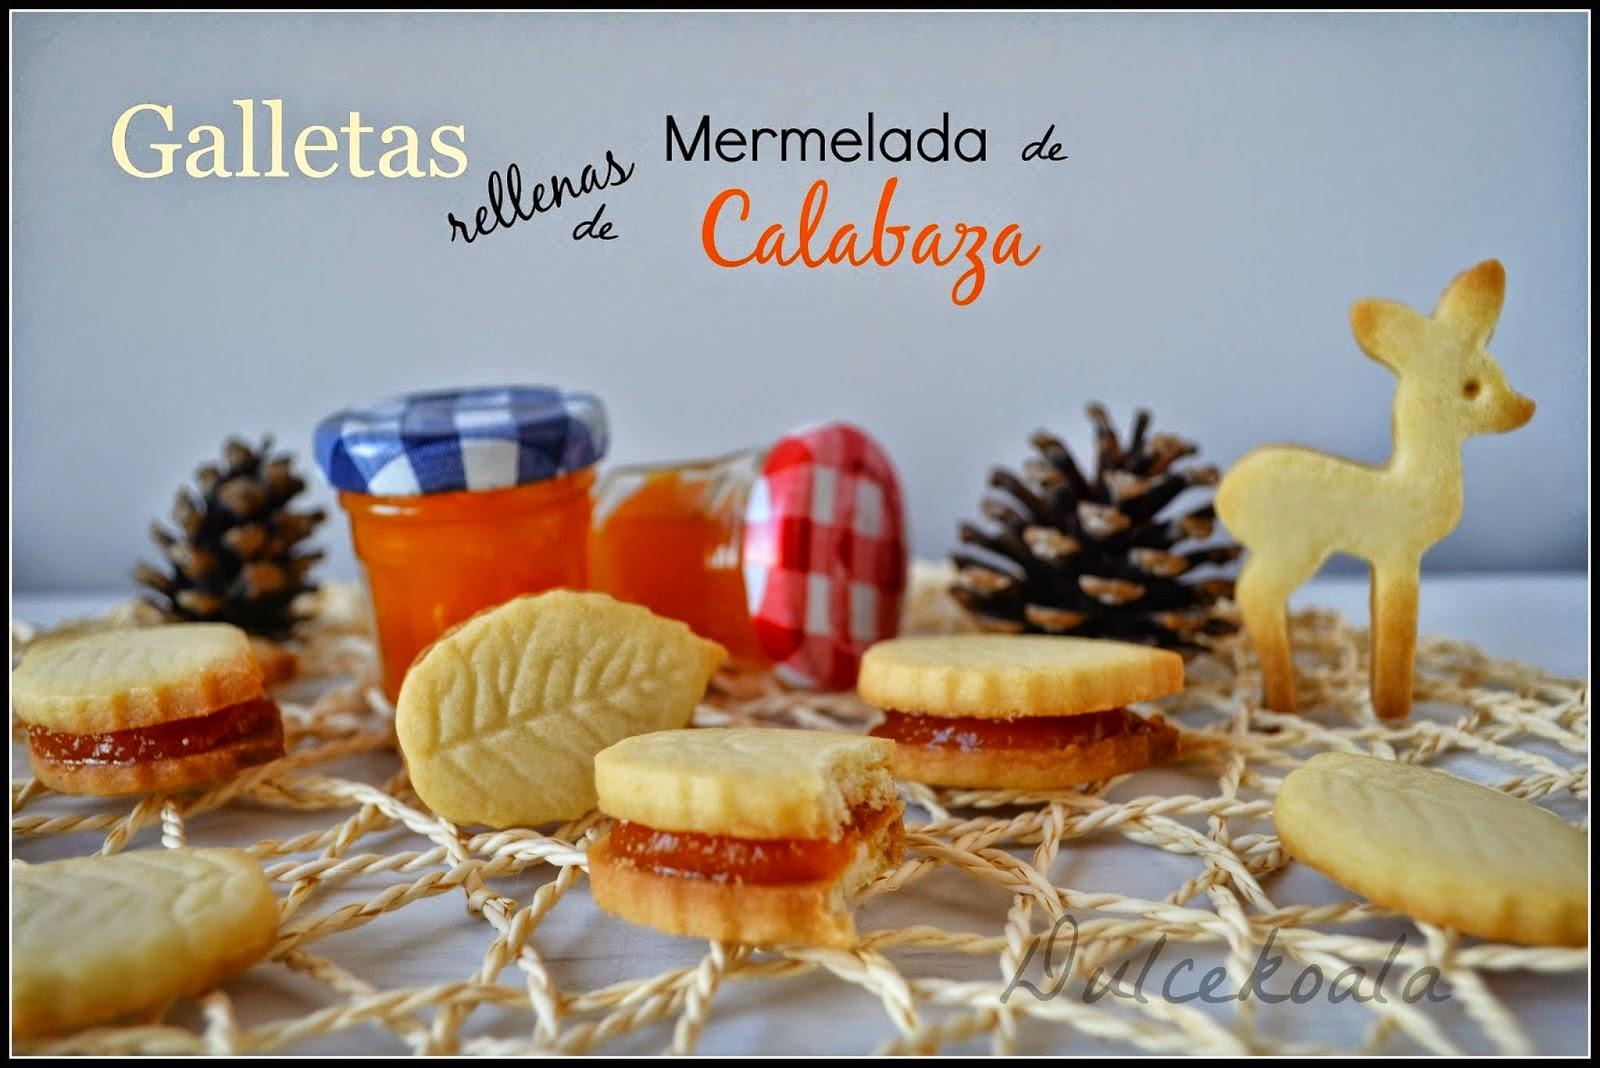 http://dulcekoala.blogspot.com.es/2014/12/galletas-con-mermelada-de-calabaza.html